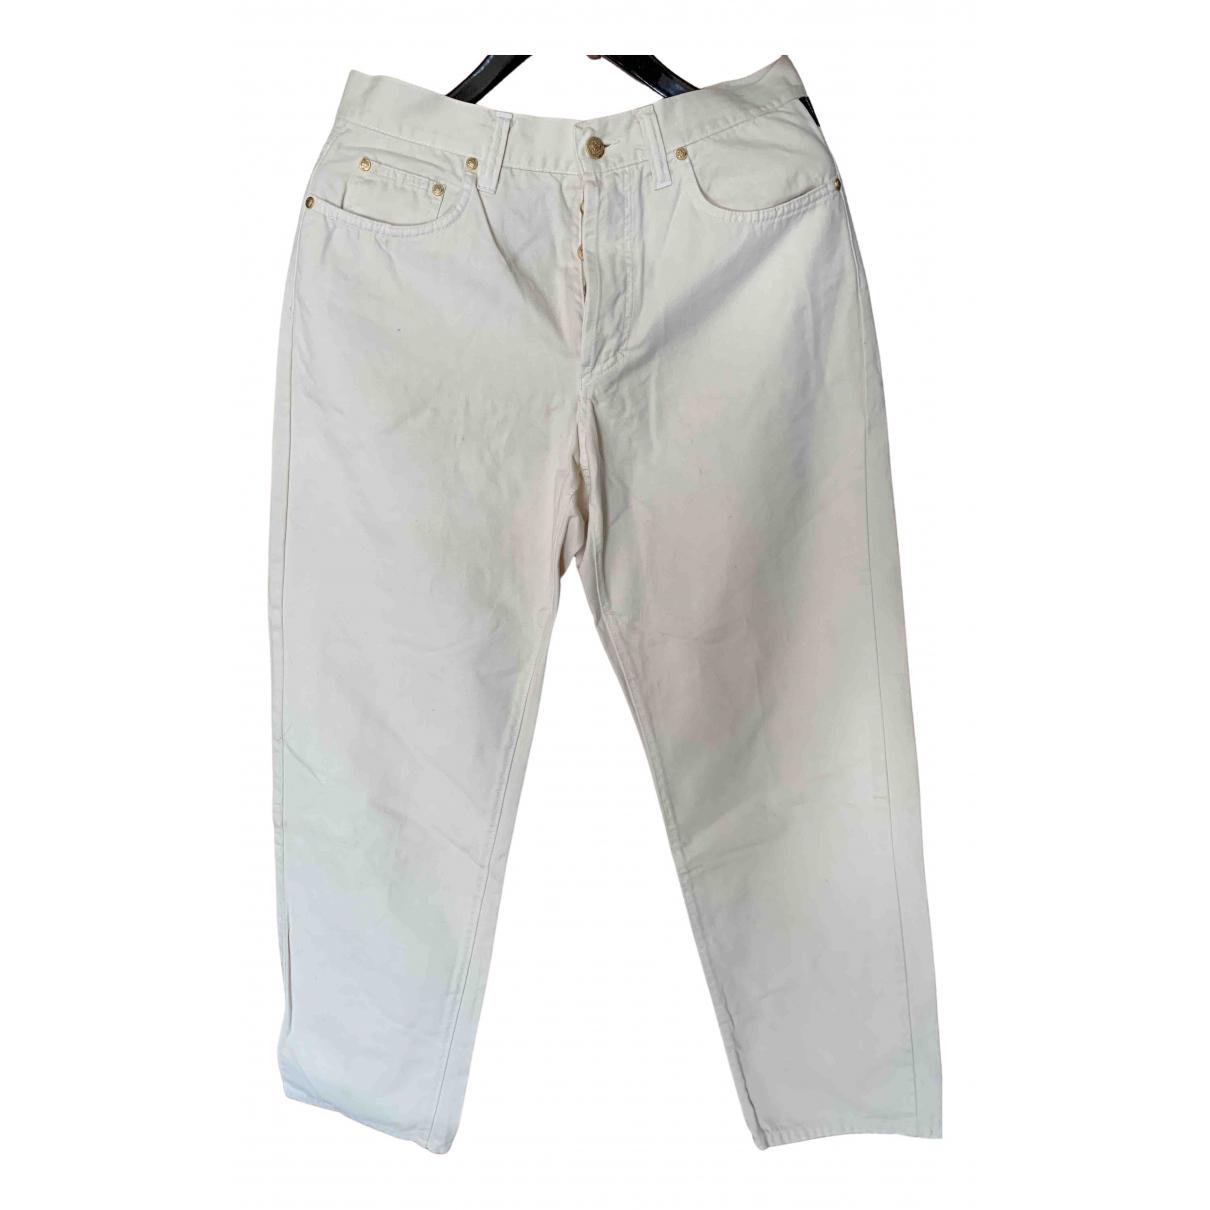 Pantalones en Algodon Beige Versace